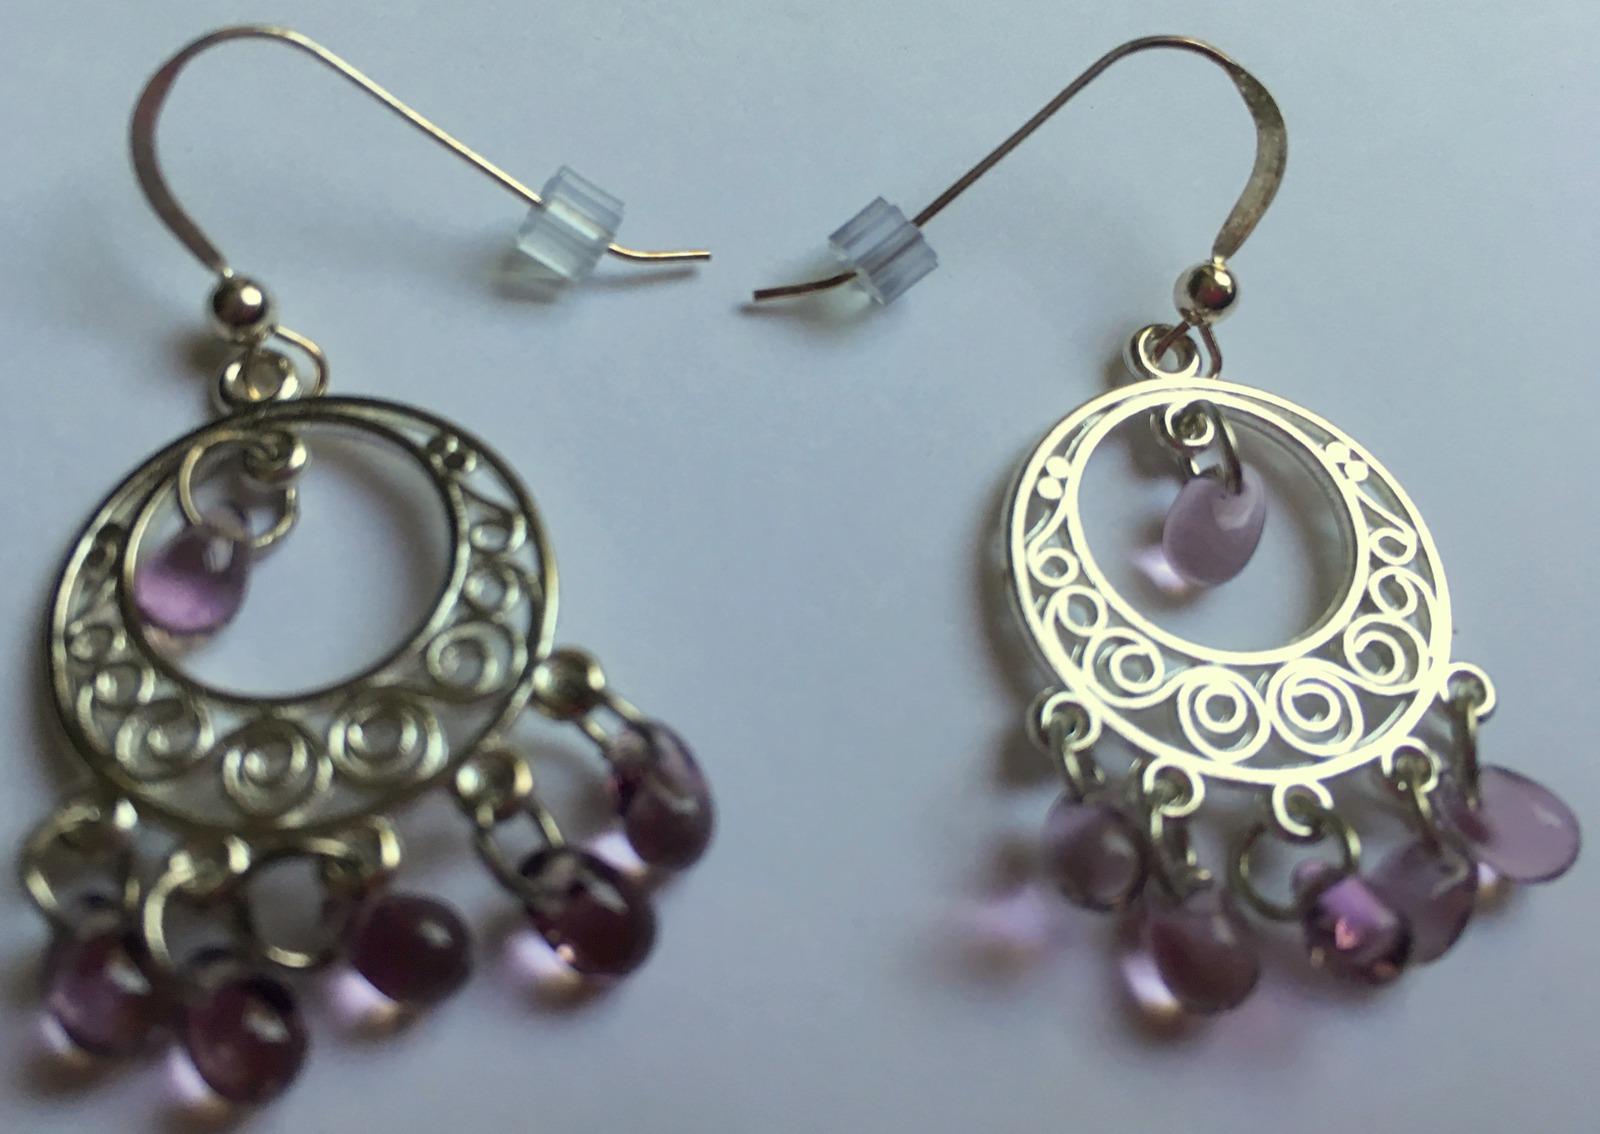 Lavender Chandelier Hook Earrings, Czech Glass Beads, Drop Earrings, Gift Idea